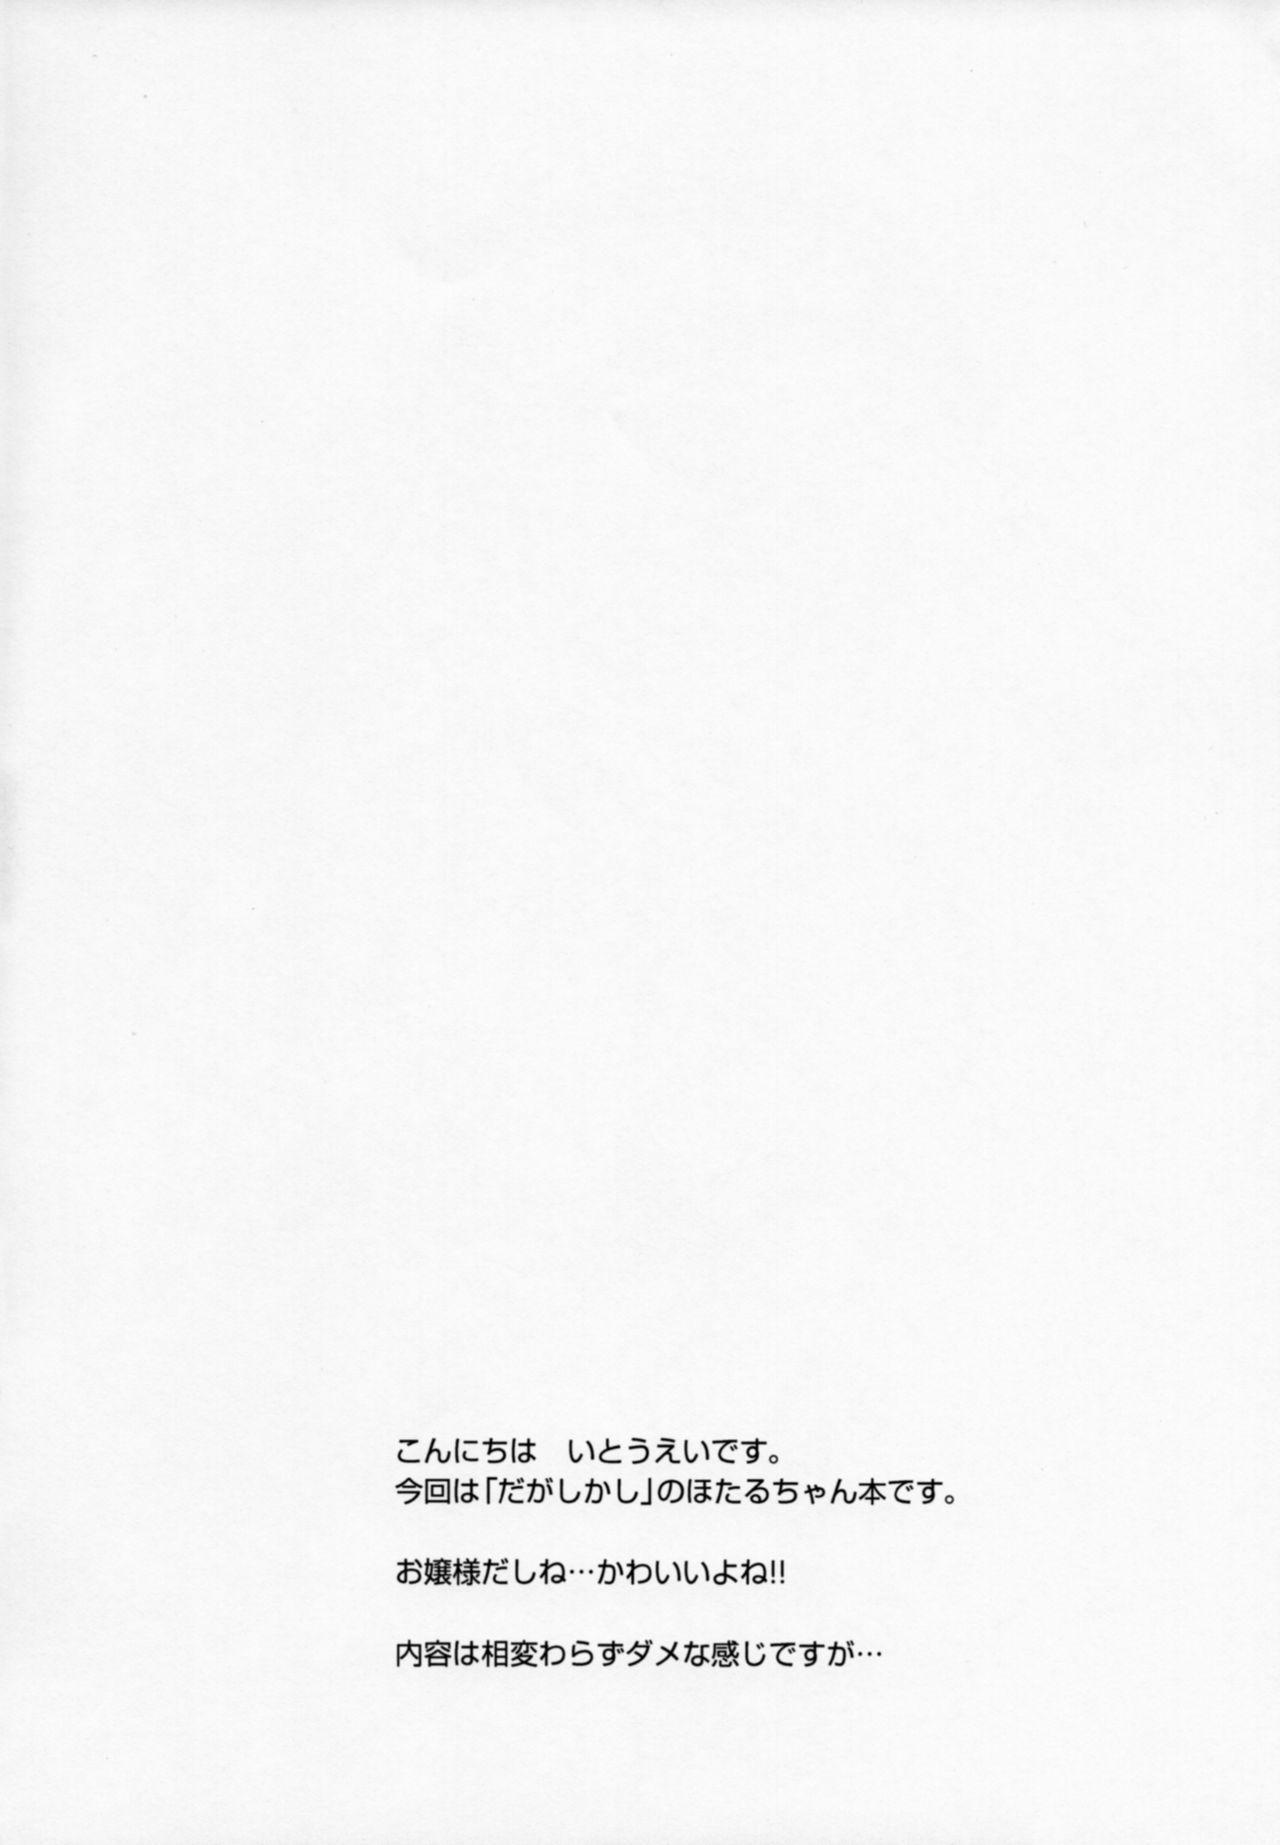 Muchi Shichu to Shoku Zato Kurocchi Shasei Dake! 2